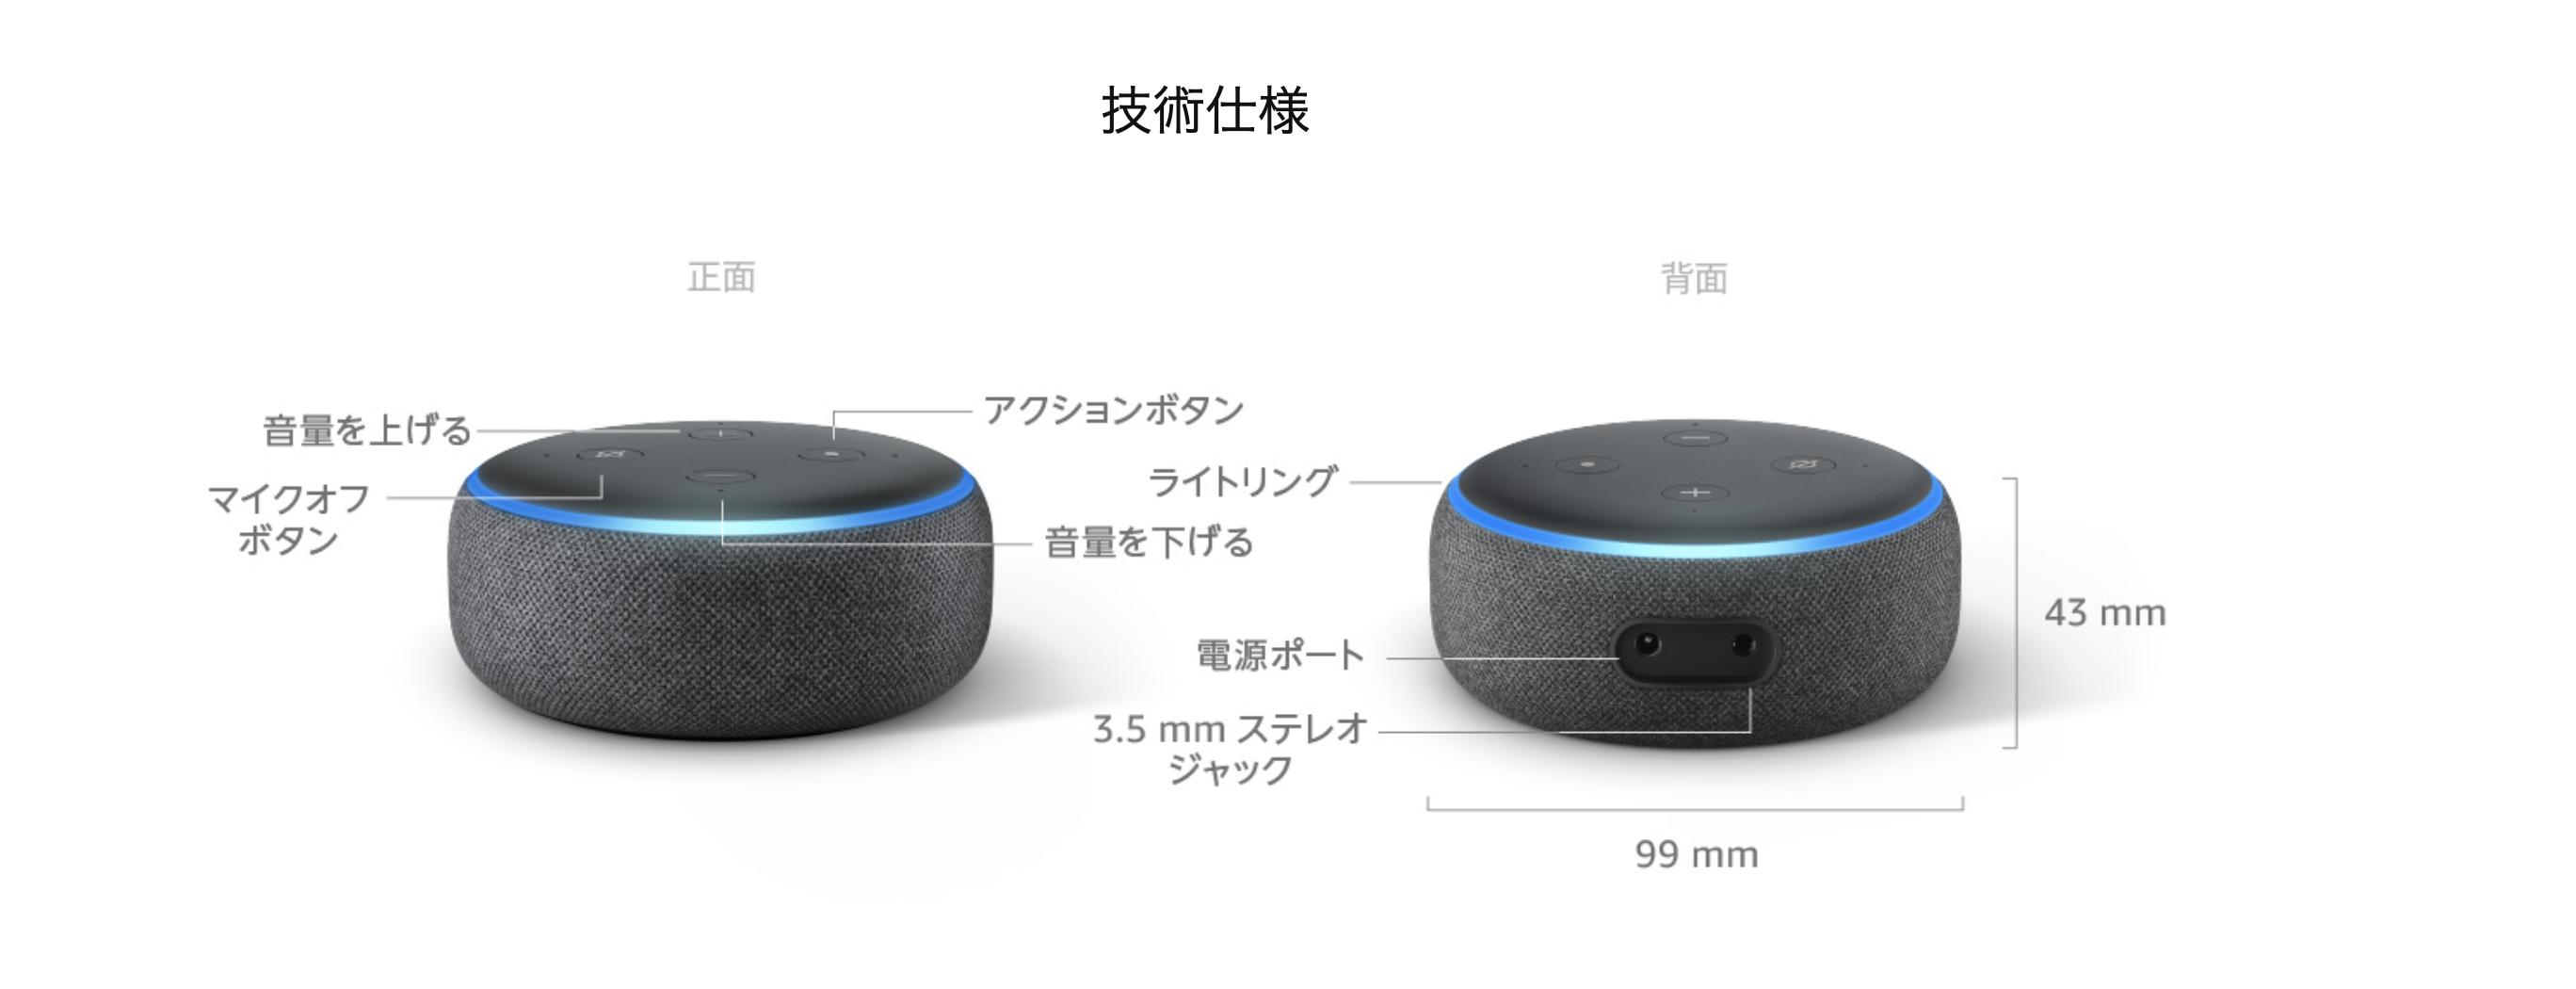 Echo Dot第3世代の性能紹介